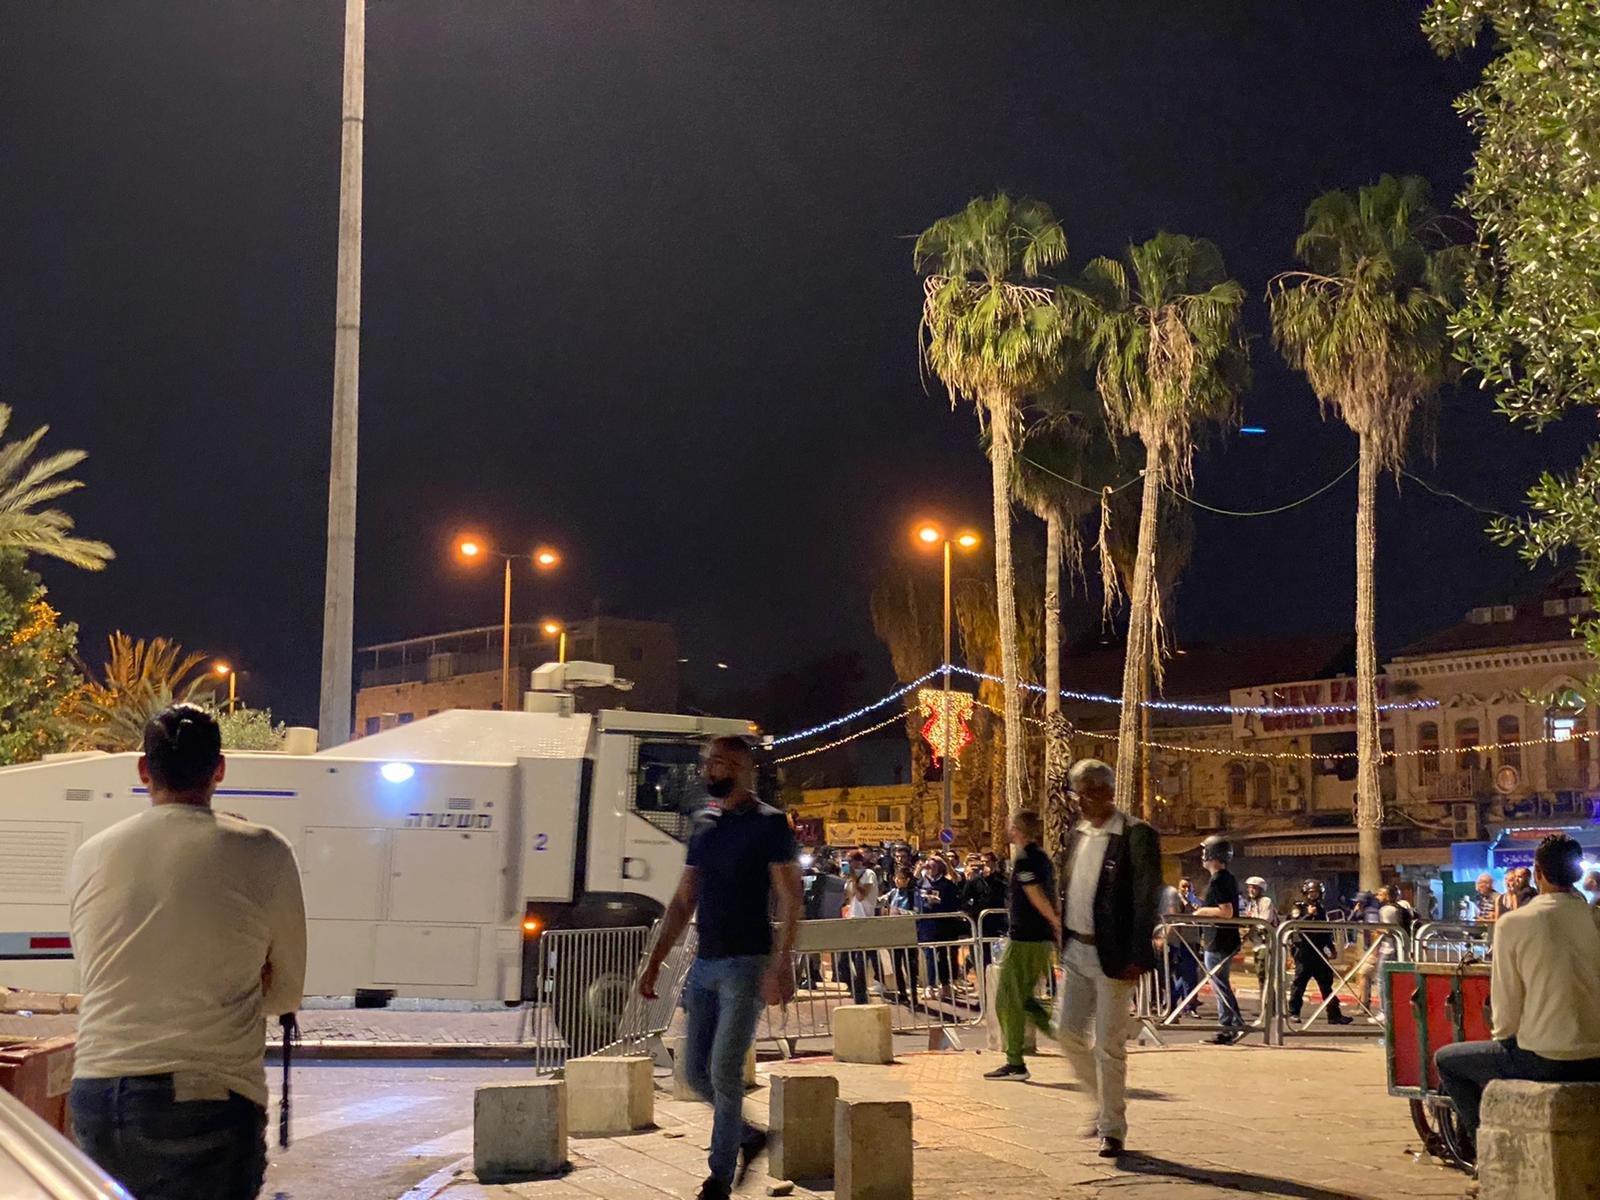 مواجهات مع الشرطة واعتقال 3 مواطنين في باب العامود بالقدس-2